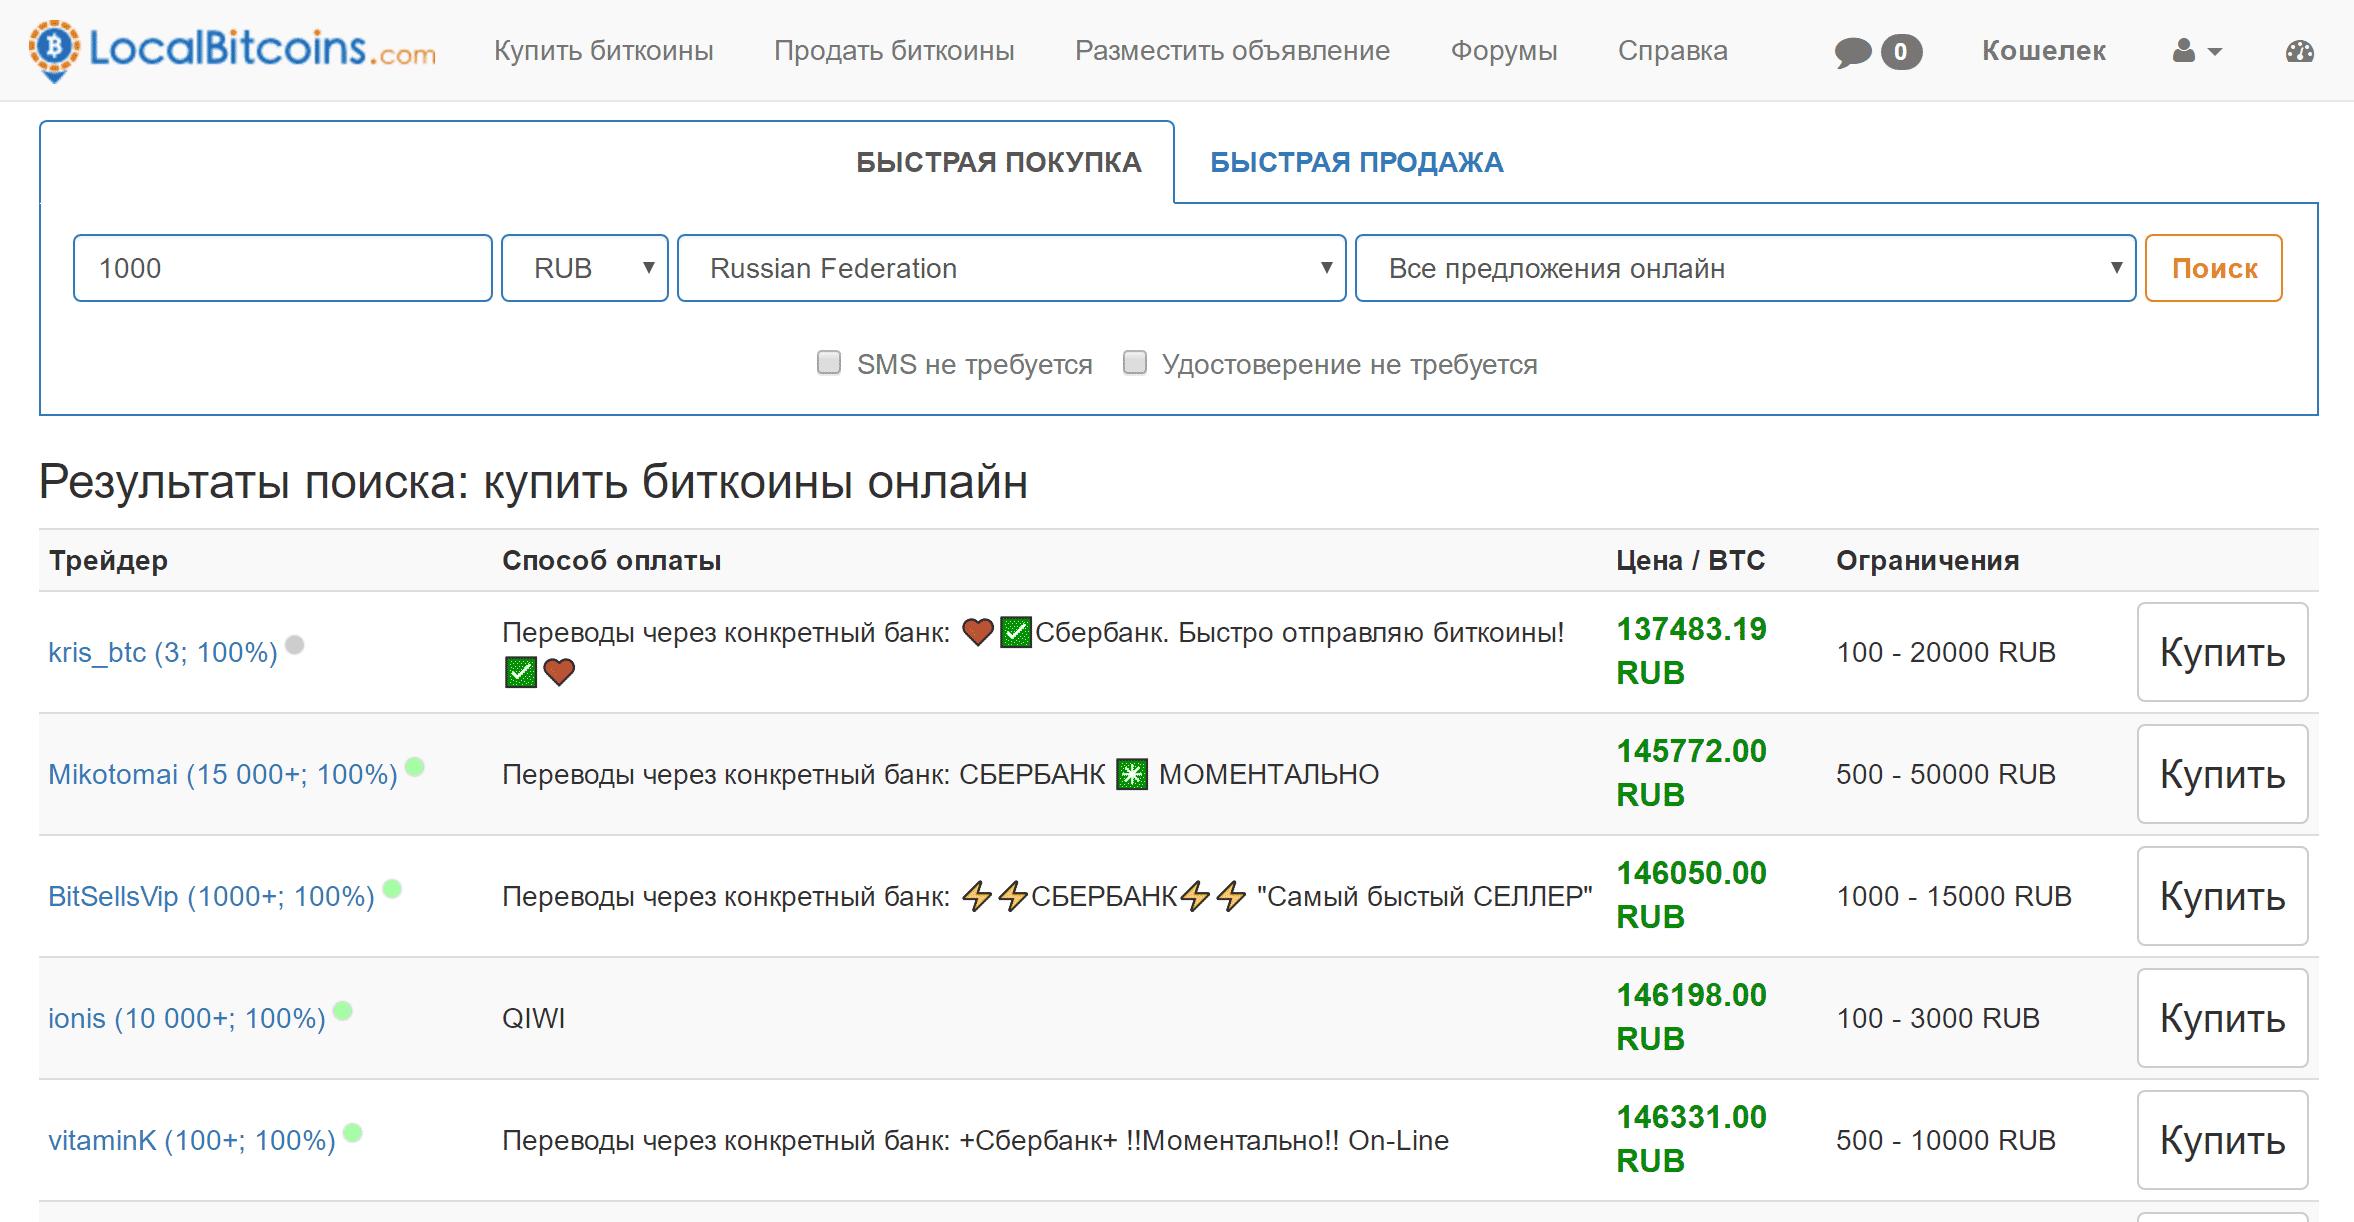 aki valóban bitcoinot keresett)